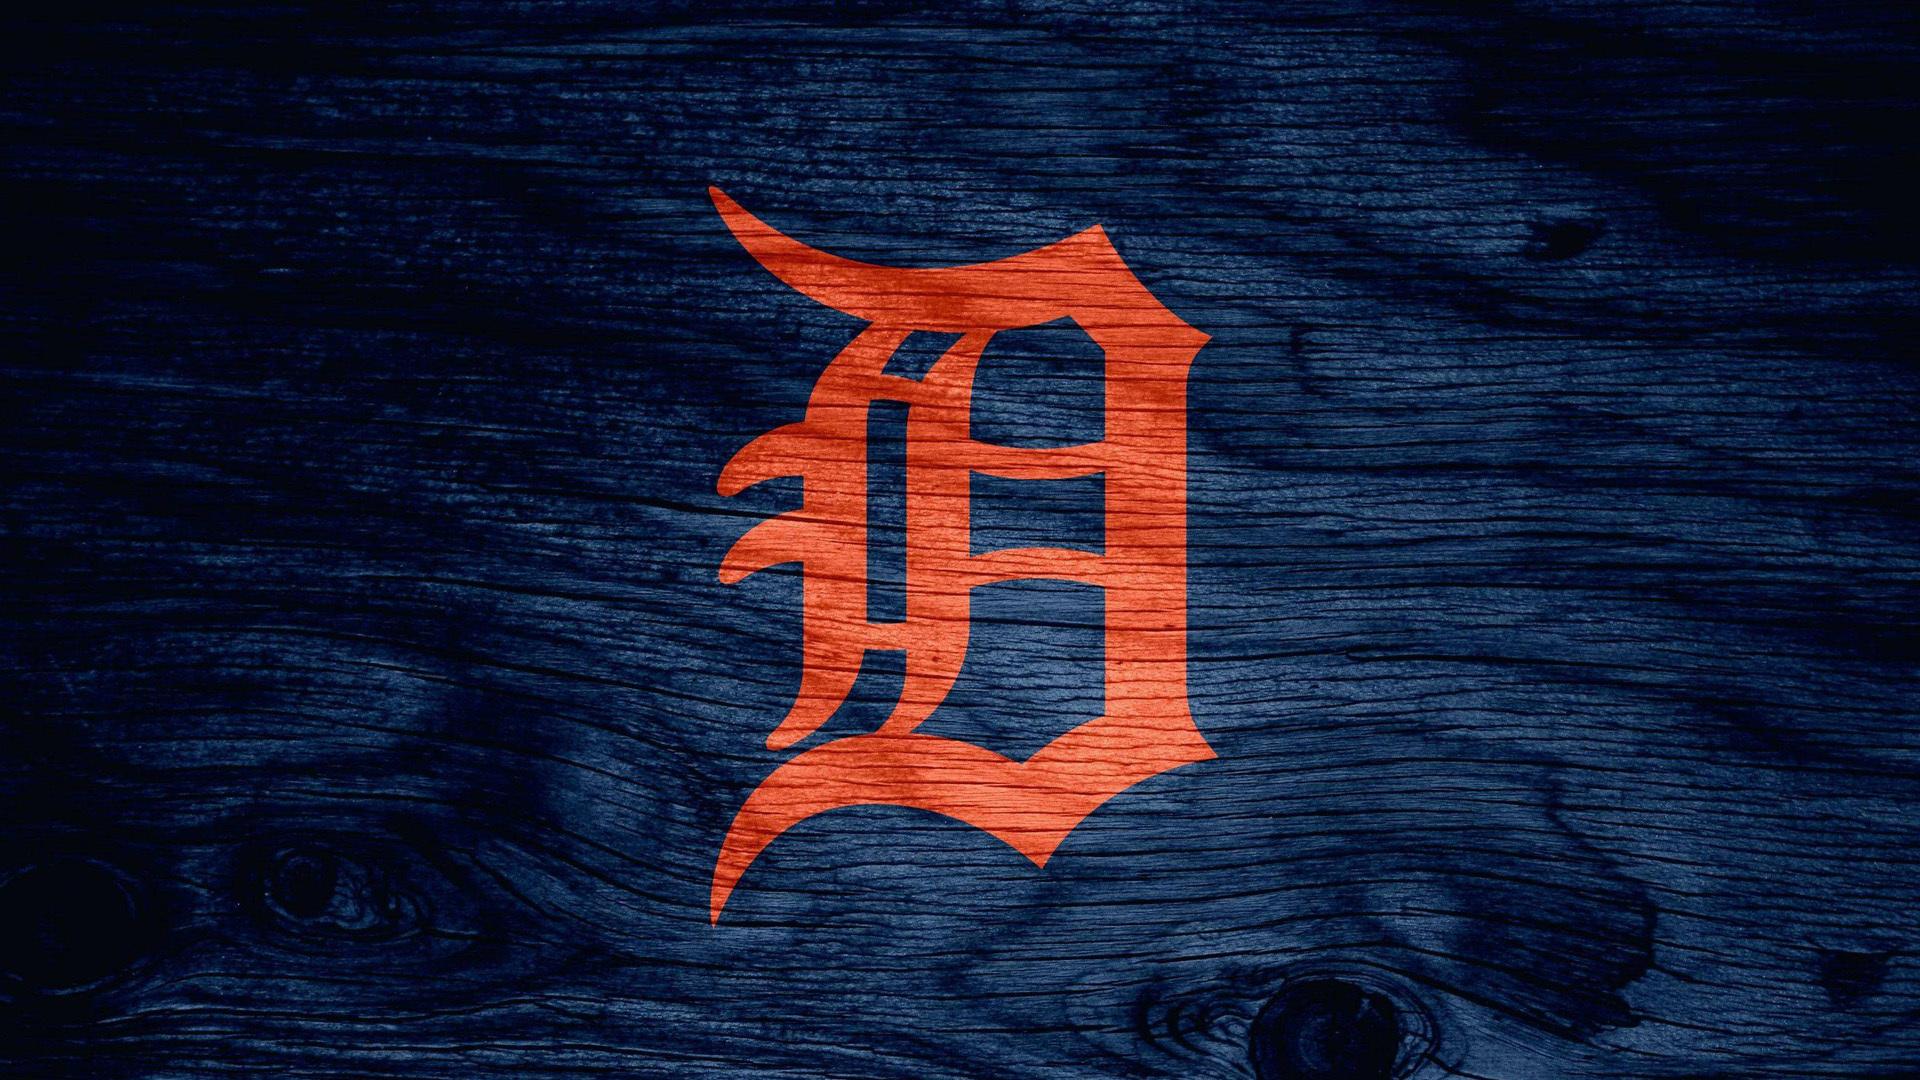 Detroit Tigers Images